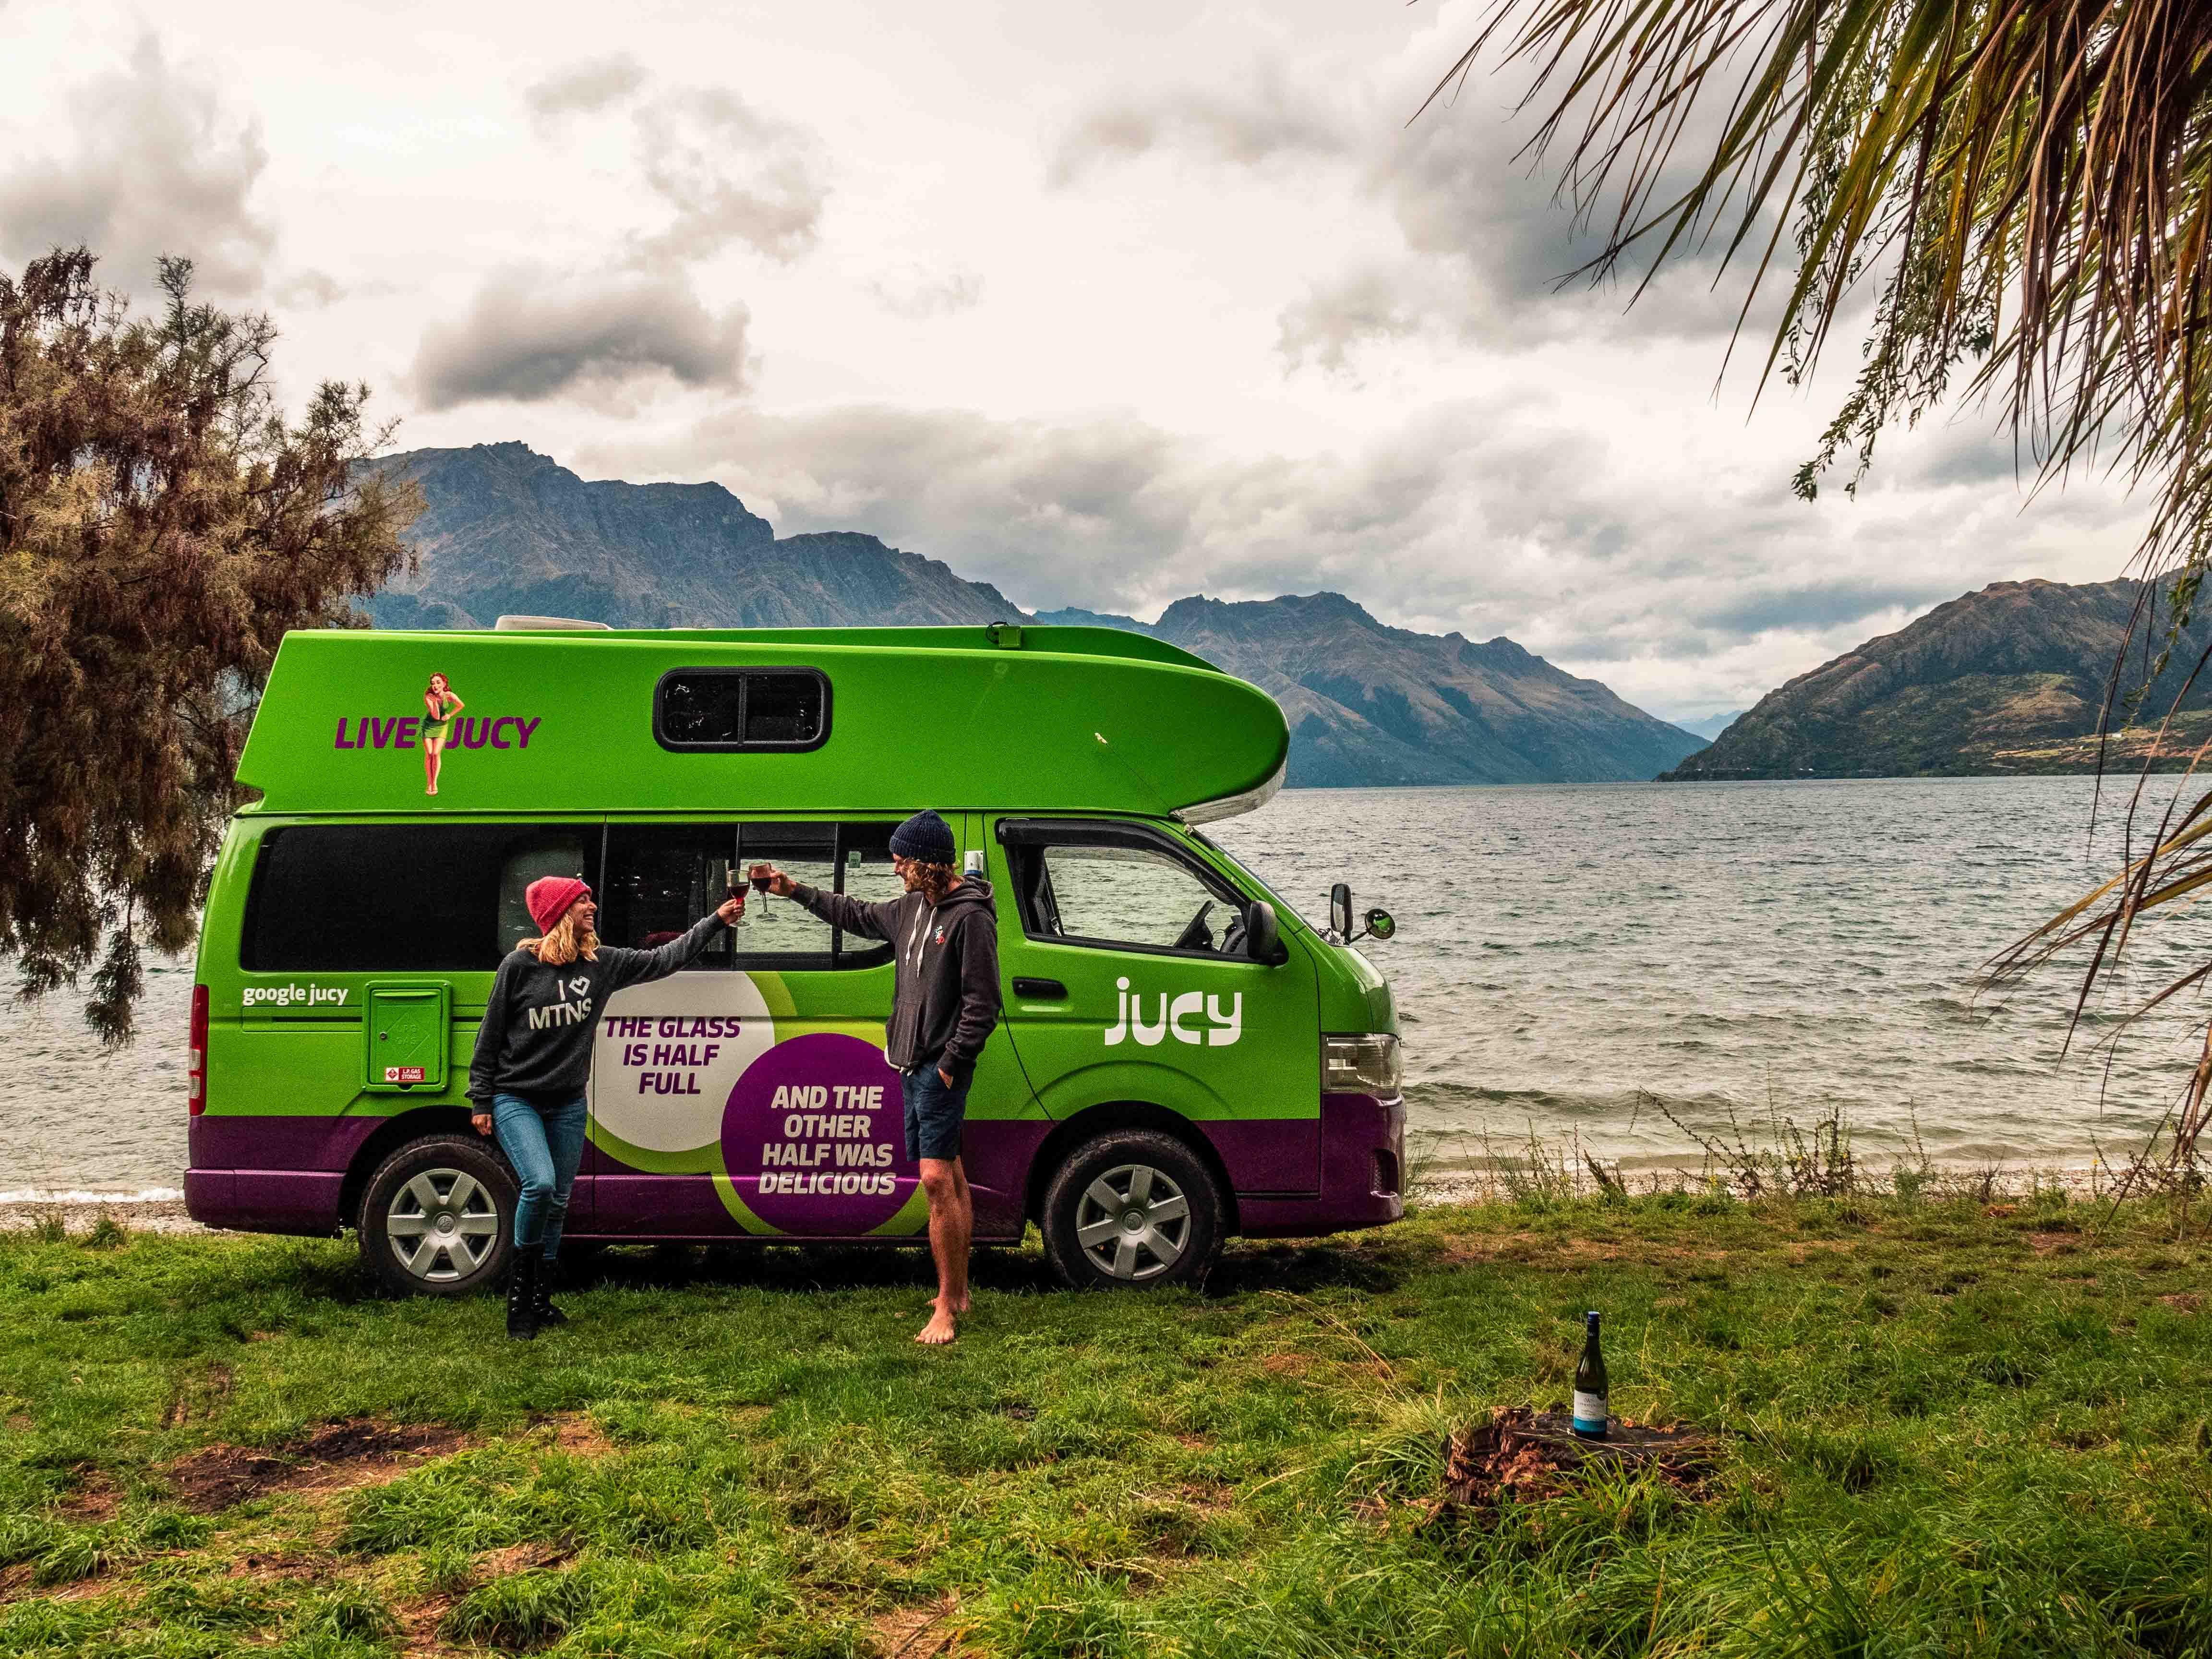 jucy, jucy campervan, jucy new zealand, jucy nz, jucy snooze, jucy cruise, jucy milford sound, jucy car rental, jucy camper, jucy hotel, jucy condo, jucy rentals, jucy rental reviews, jucy rentals review